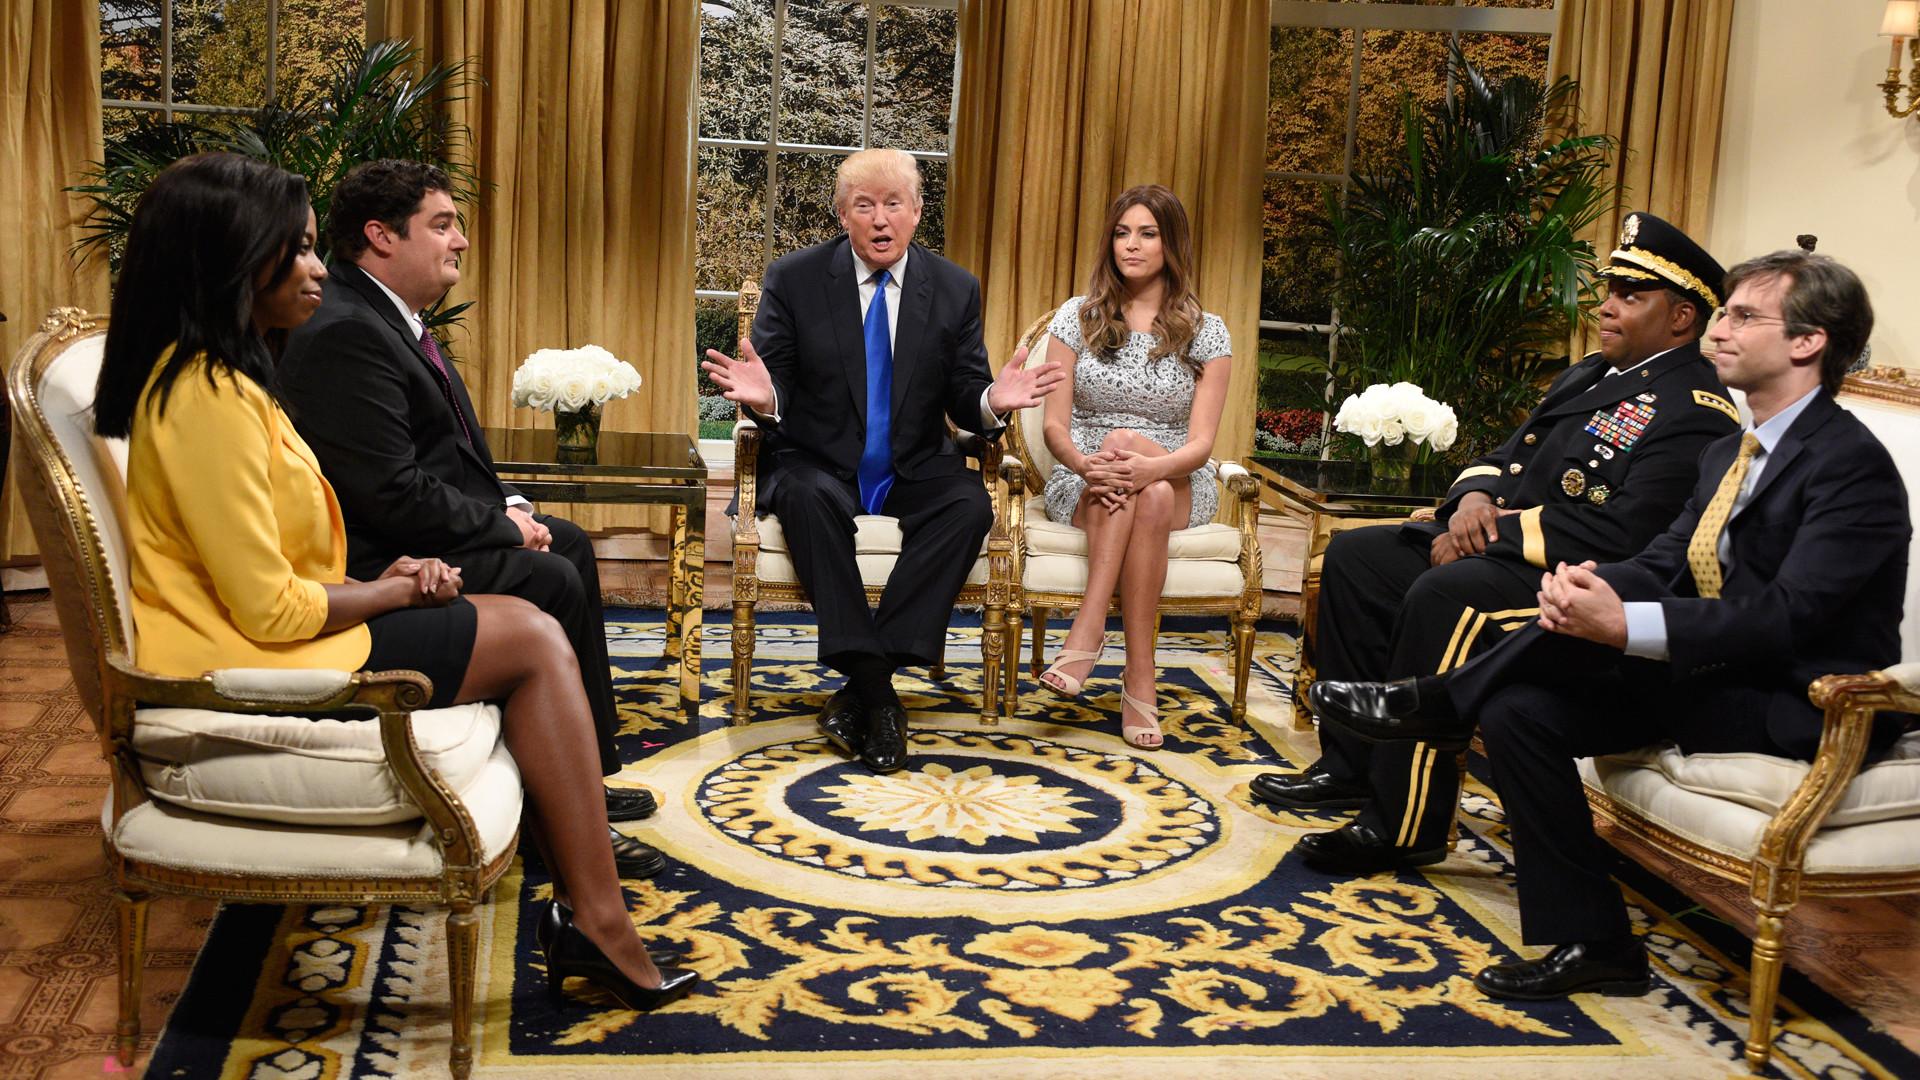 White House 2018